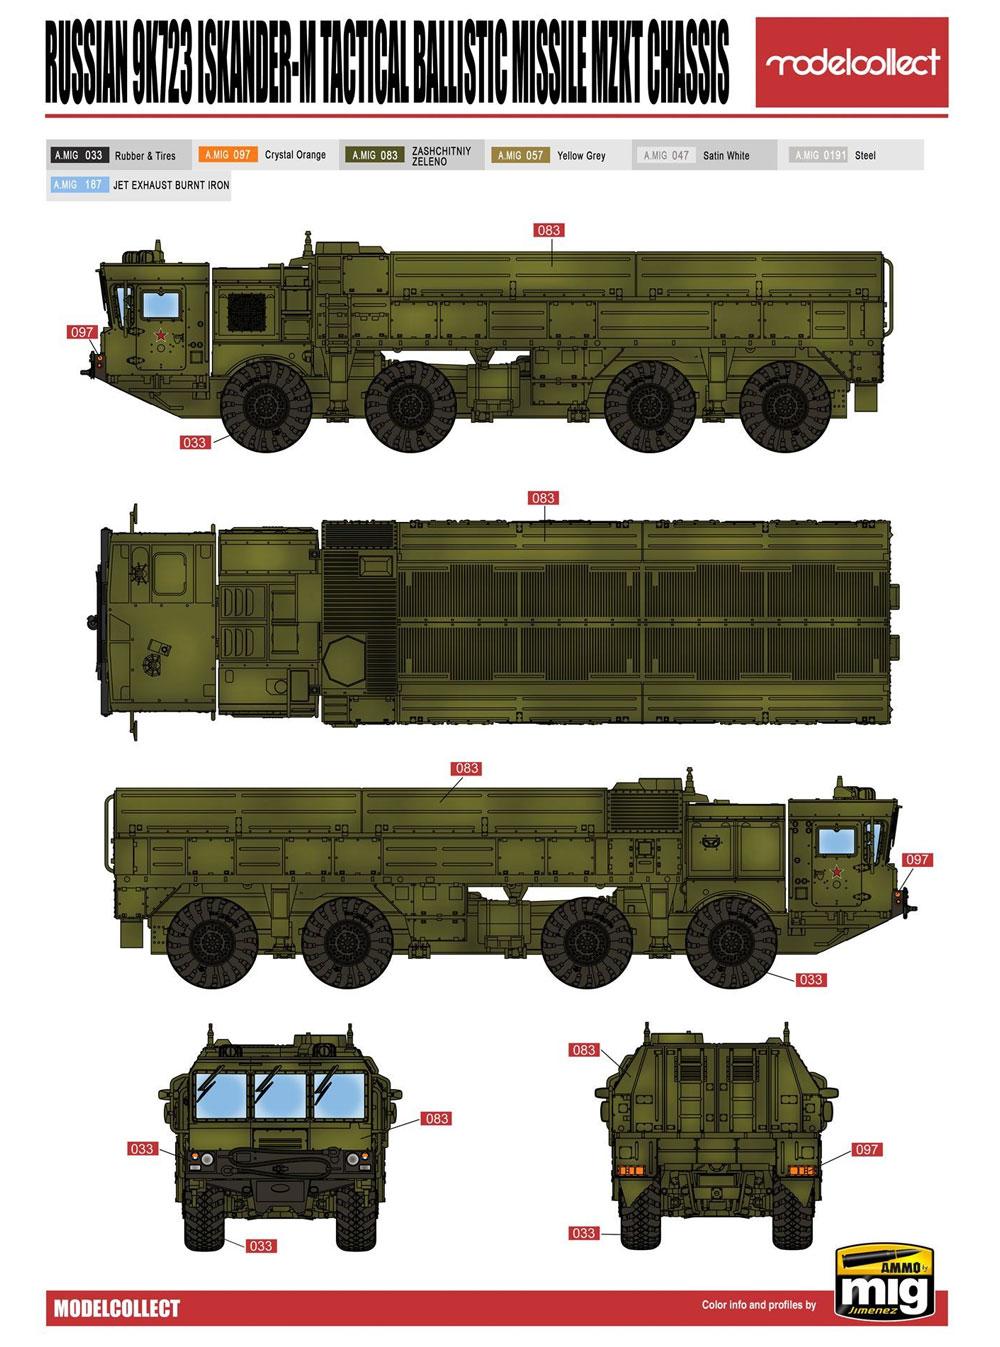 ロシア 9K723 イスカンデル-M 短距離弾道ミサイル w/MZKTシャシープラモデル(モデルコレクト1/72 AFV キットNo.PP72002)商品画像_1